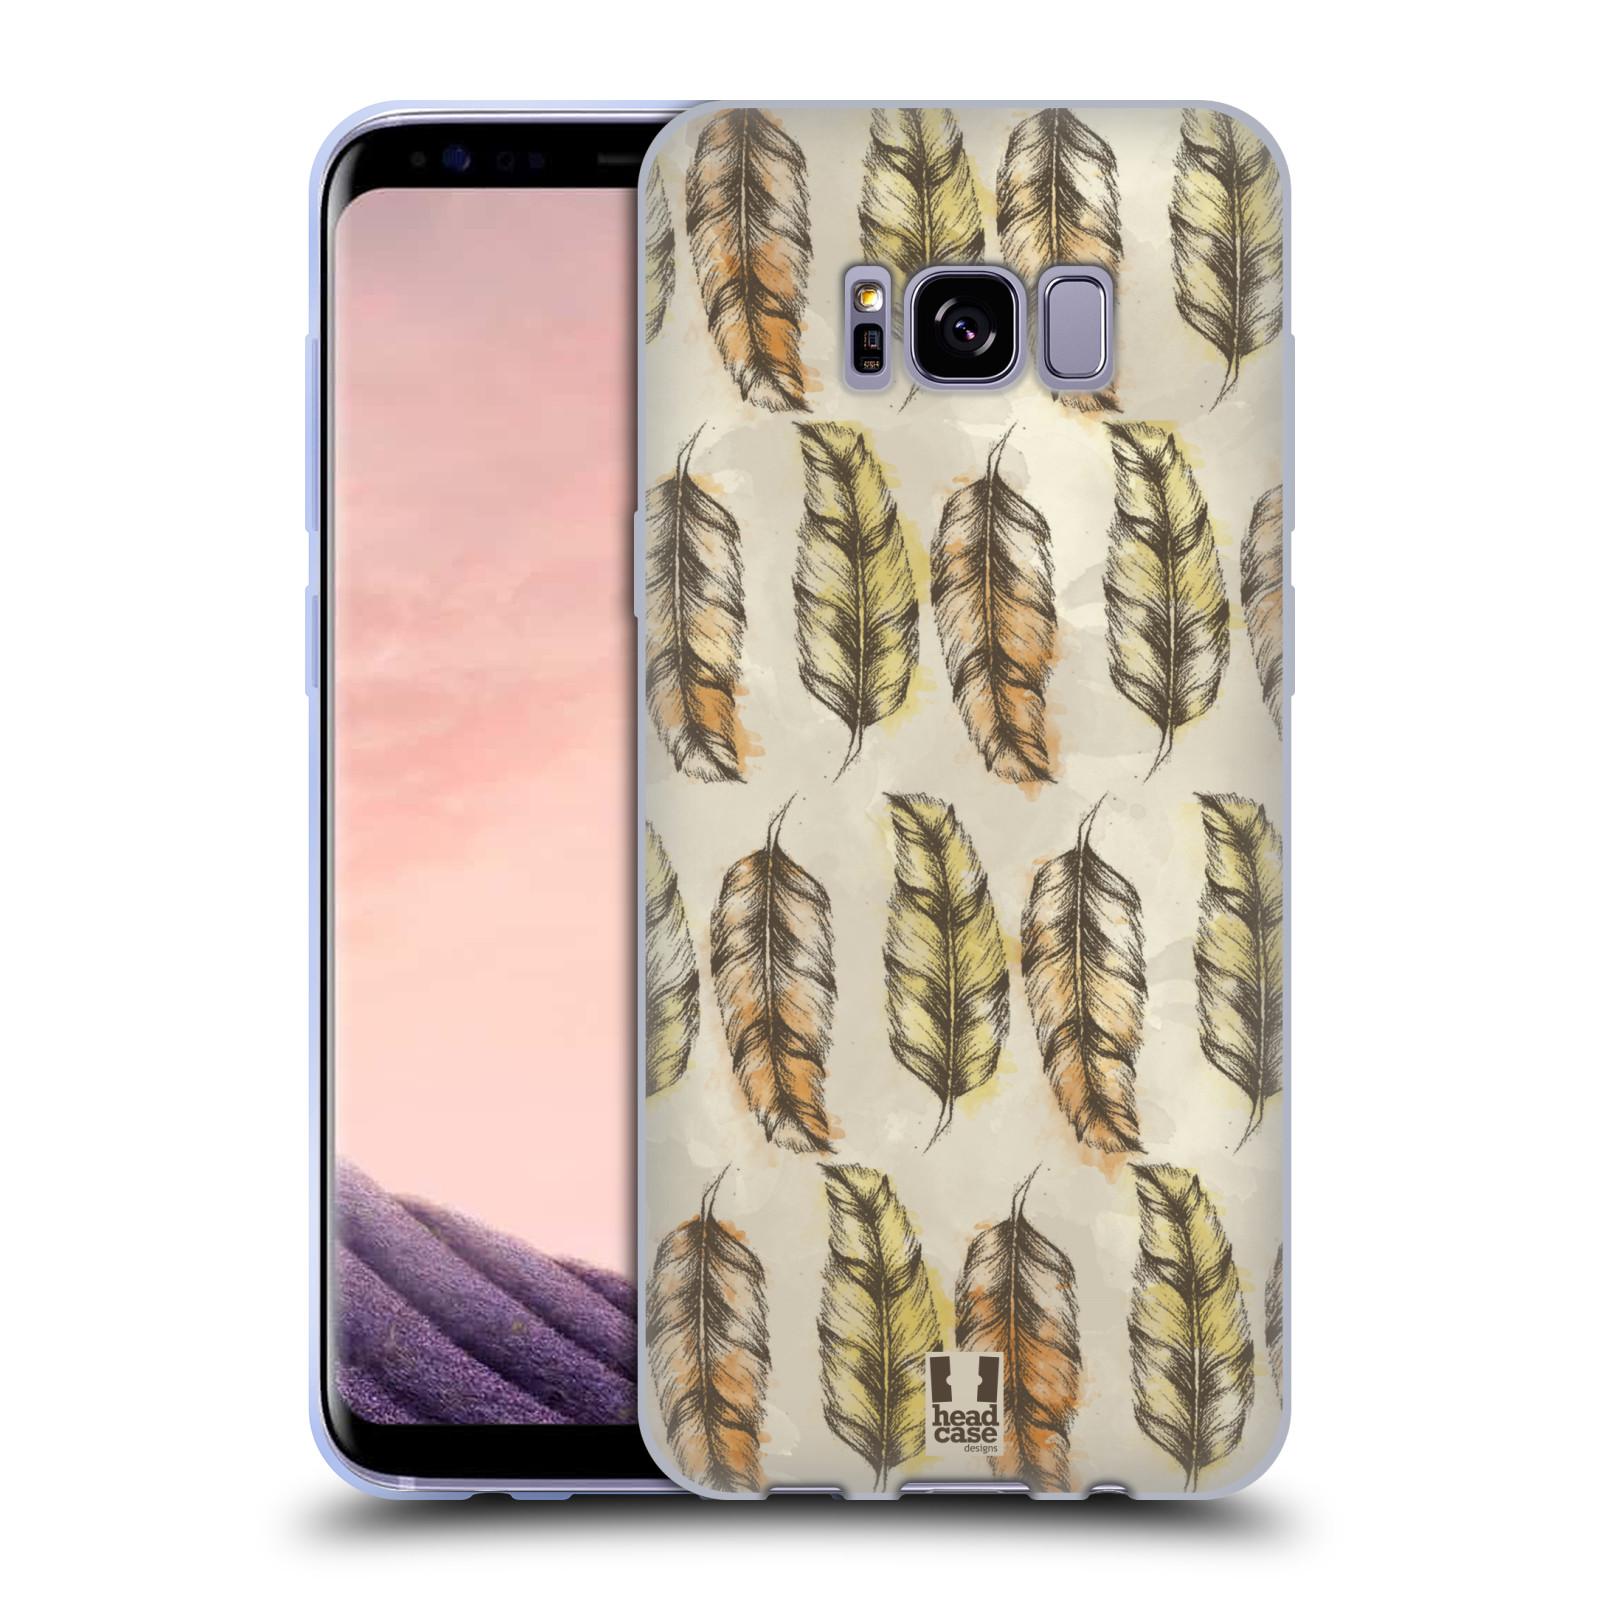 Silikonové pouzdro na mobil Samsung Galaxy S8+ (Plus) - Head Case - Bohémská pírka (Silikonový kryt či obal na mobilní telefon s motivem Bohemian Soul pro Samsung Galaxy S8+ (Plus) SM-G9550)